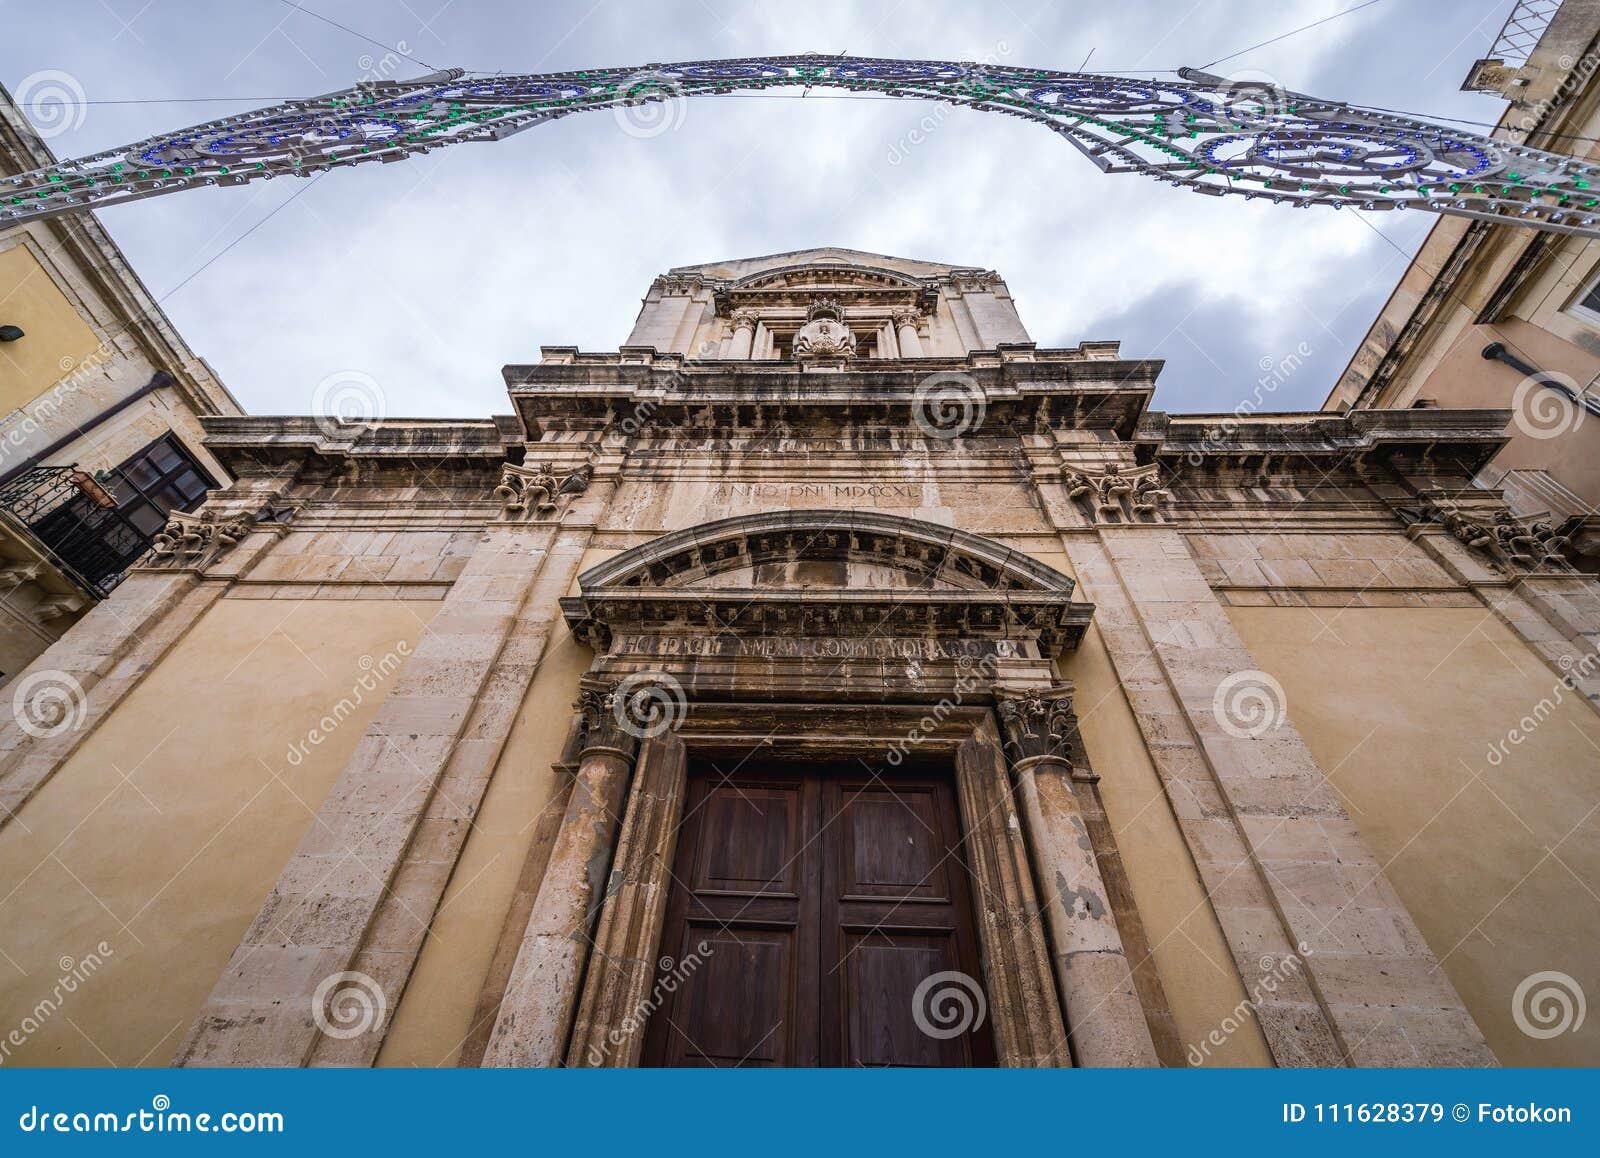 Εκκλησία στις Συρακούσες